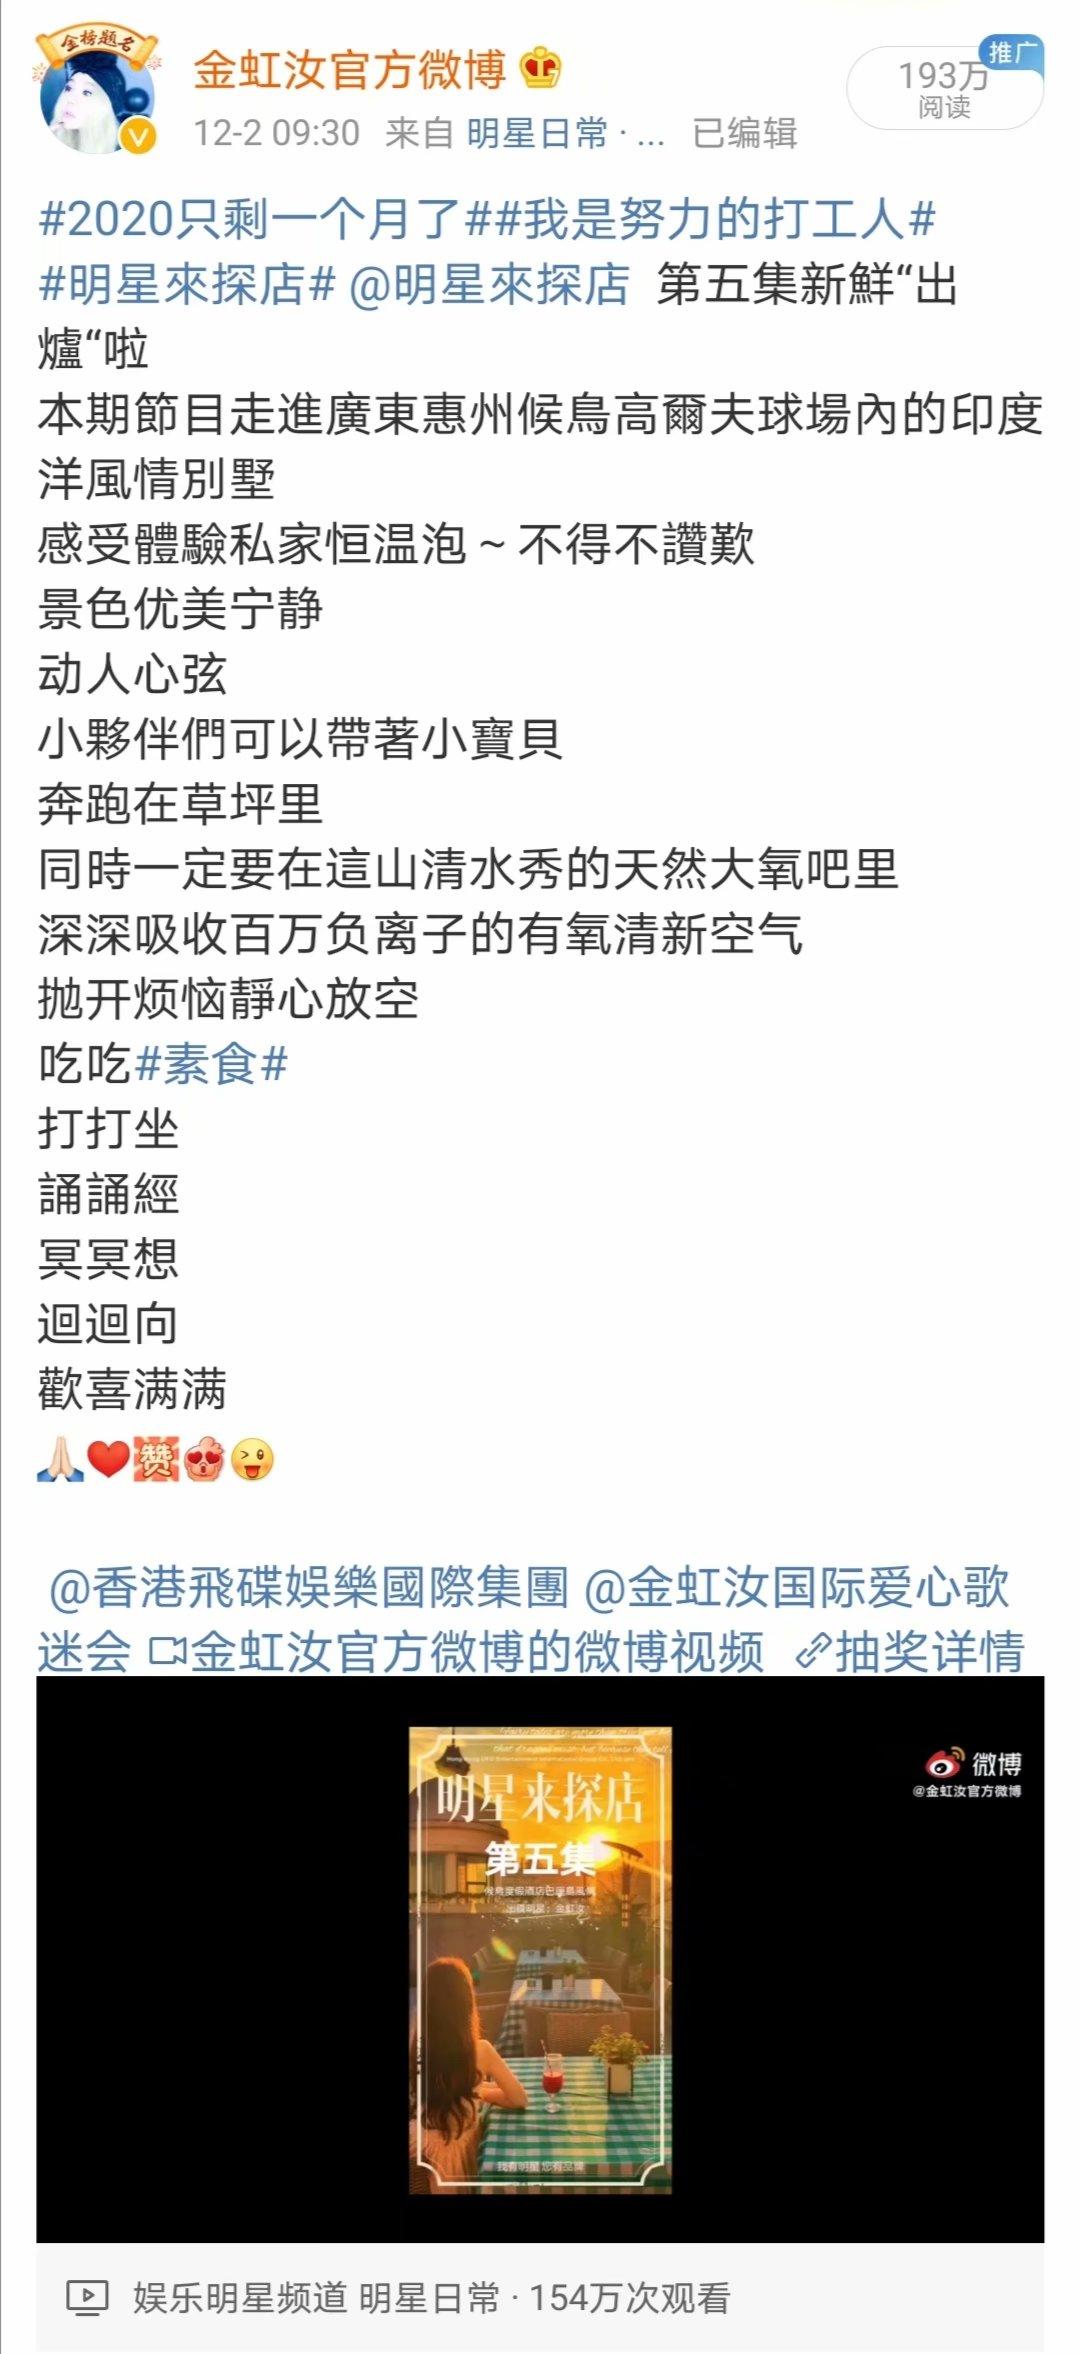 香港飞碟娱乐艺人金虹汝低调现身惠州录节目